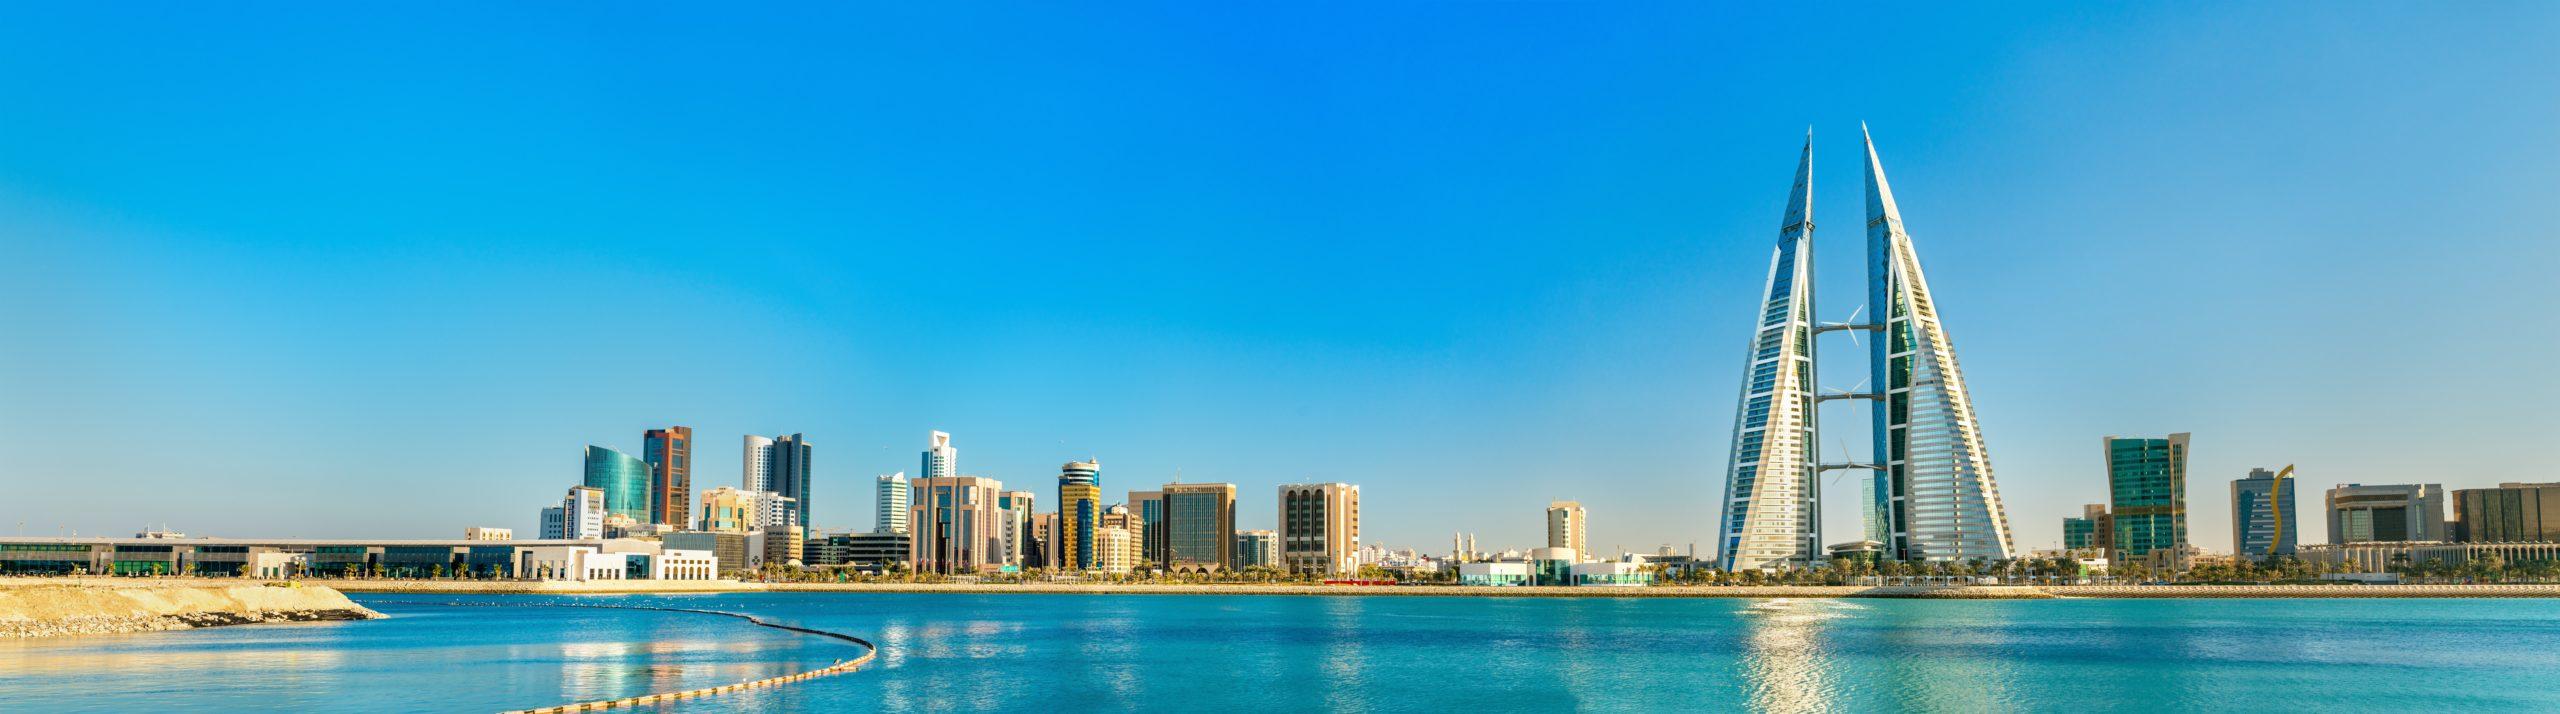 Bahrain [Shutterstock]